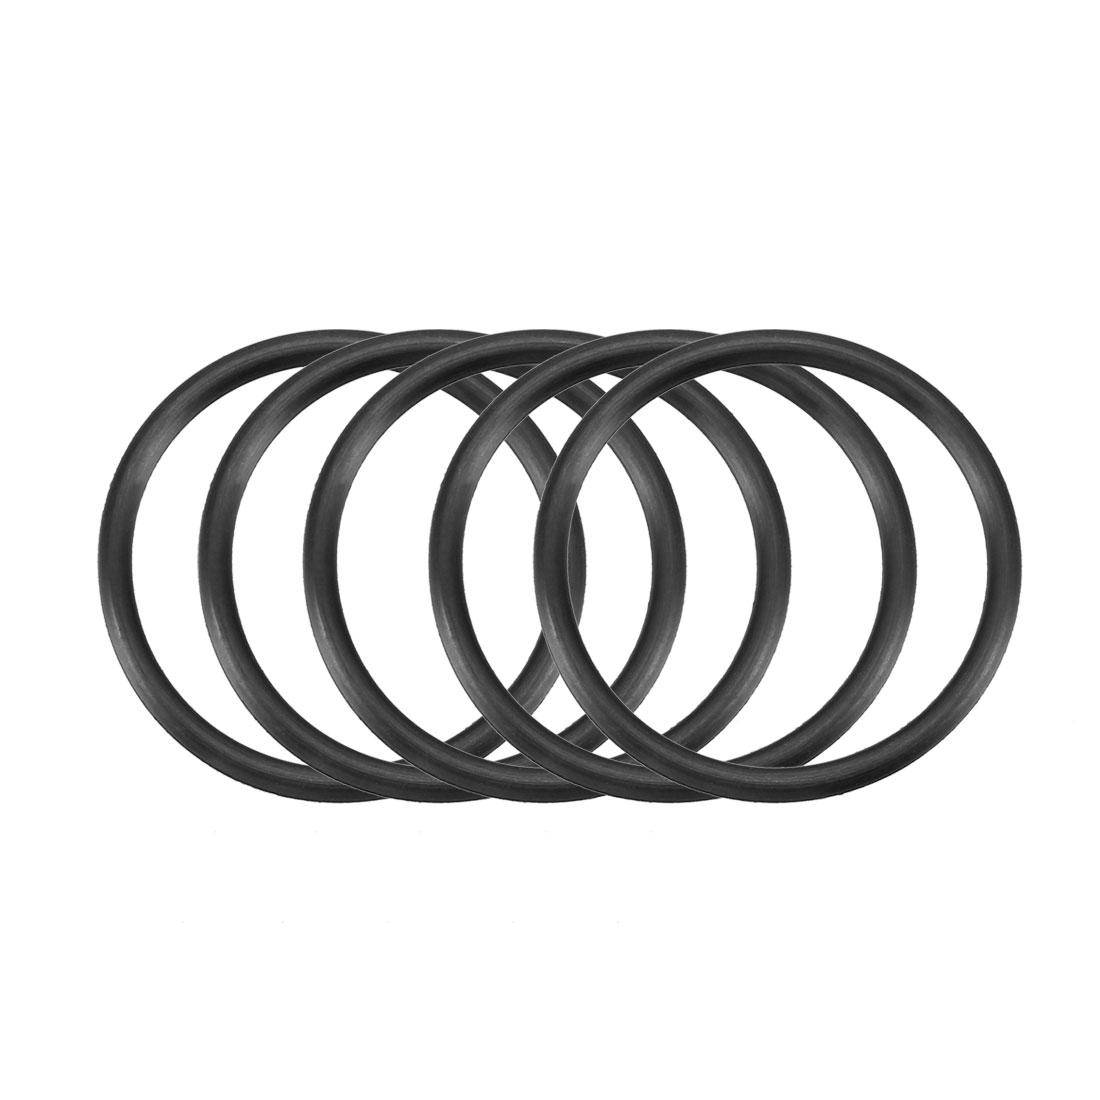 30pcs Black Nitrile Butadiene Rubber NBR O-Ring 29.6mm Inner Dia 2.4mm Width